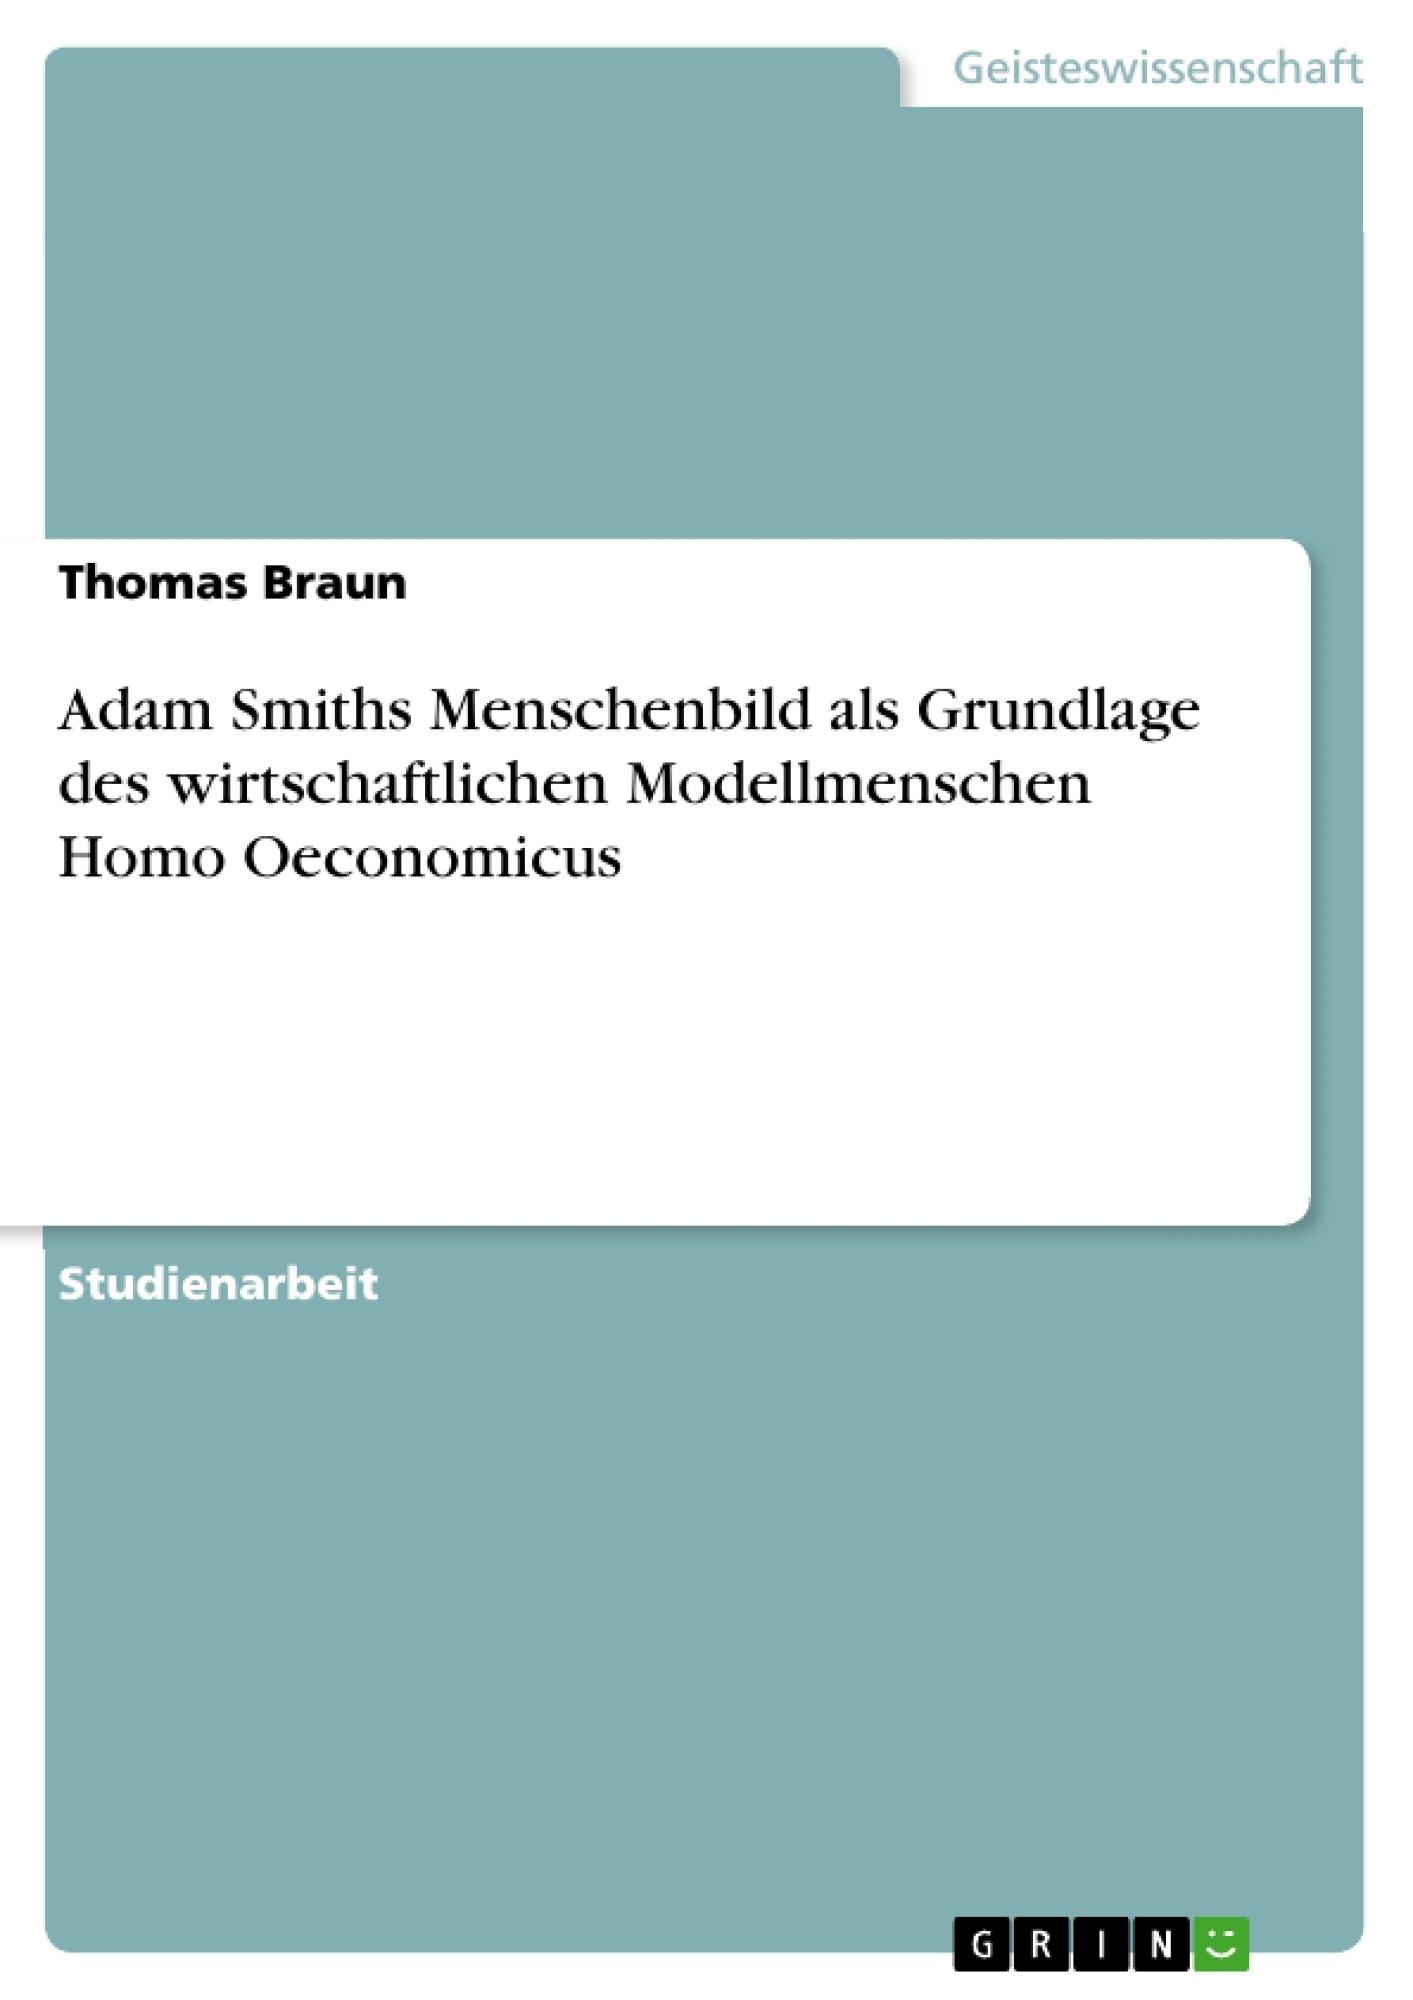 Titel: Adam Smiths Menschenbild als Grundlage des wirtschaftlichen Modellmenschen Homo Oeconomicus